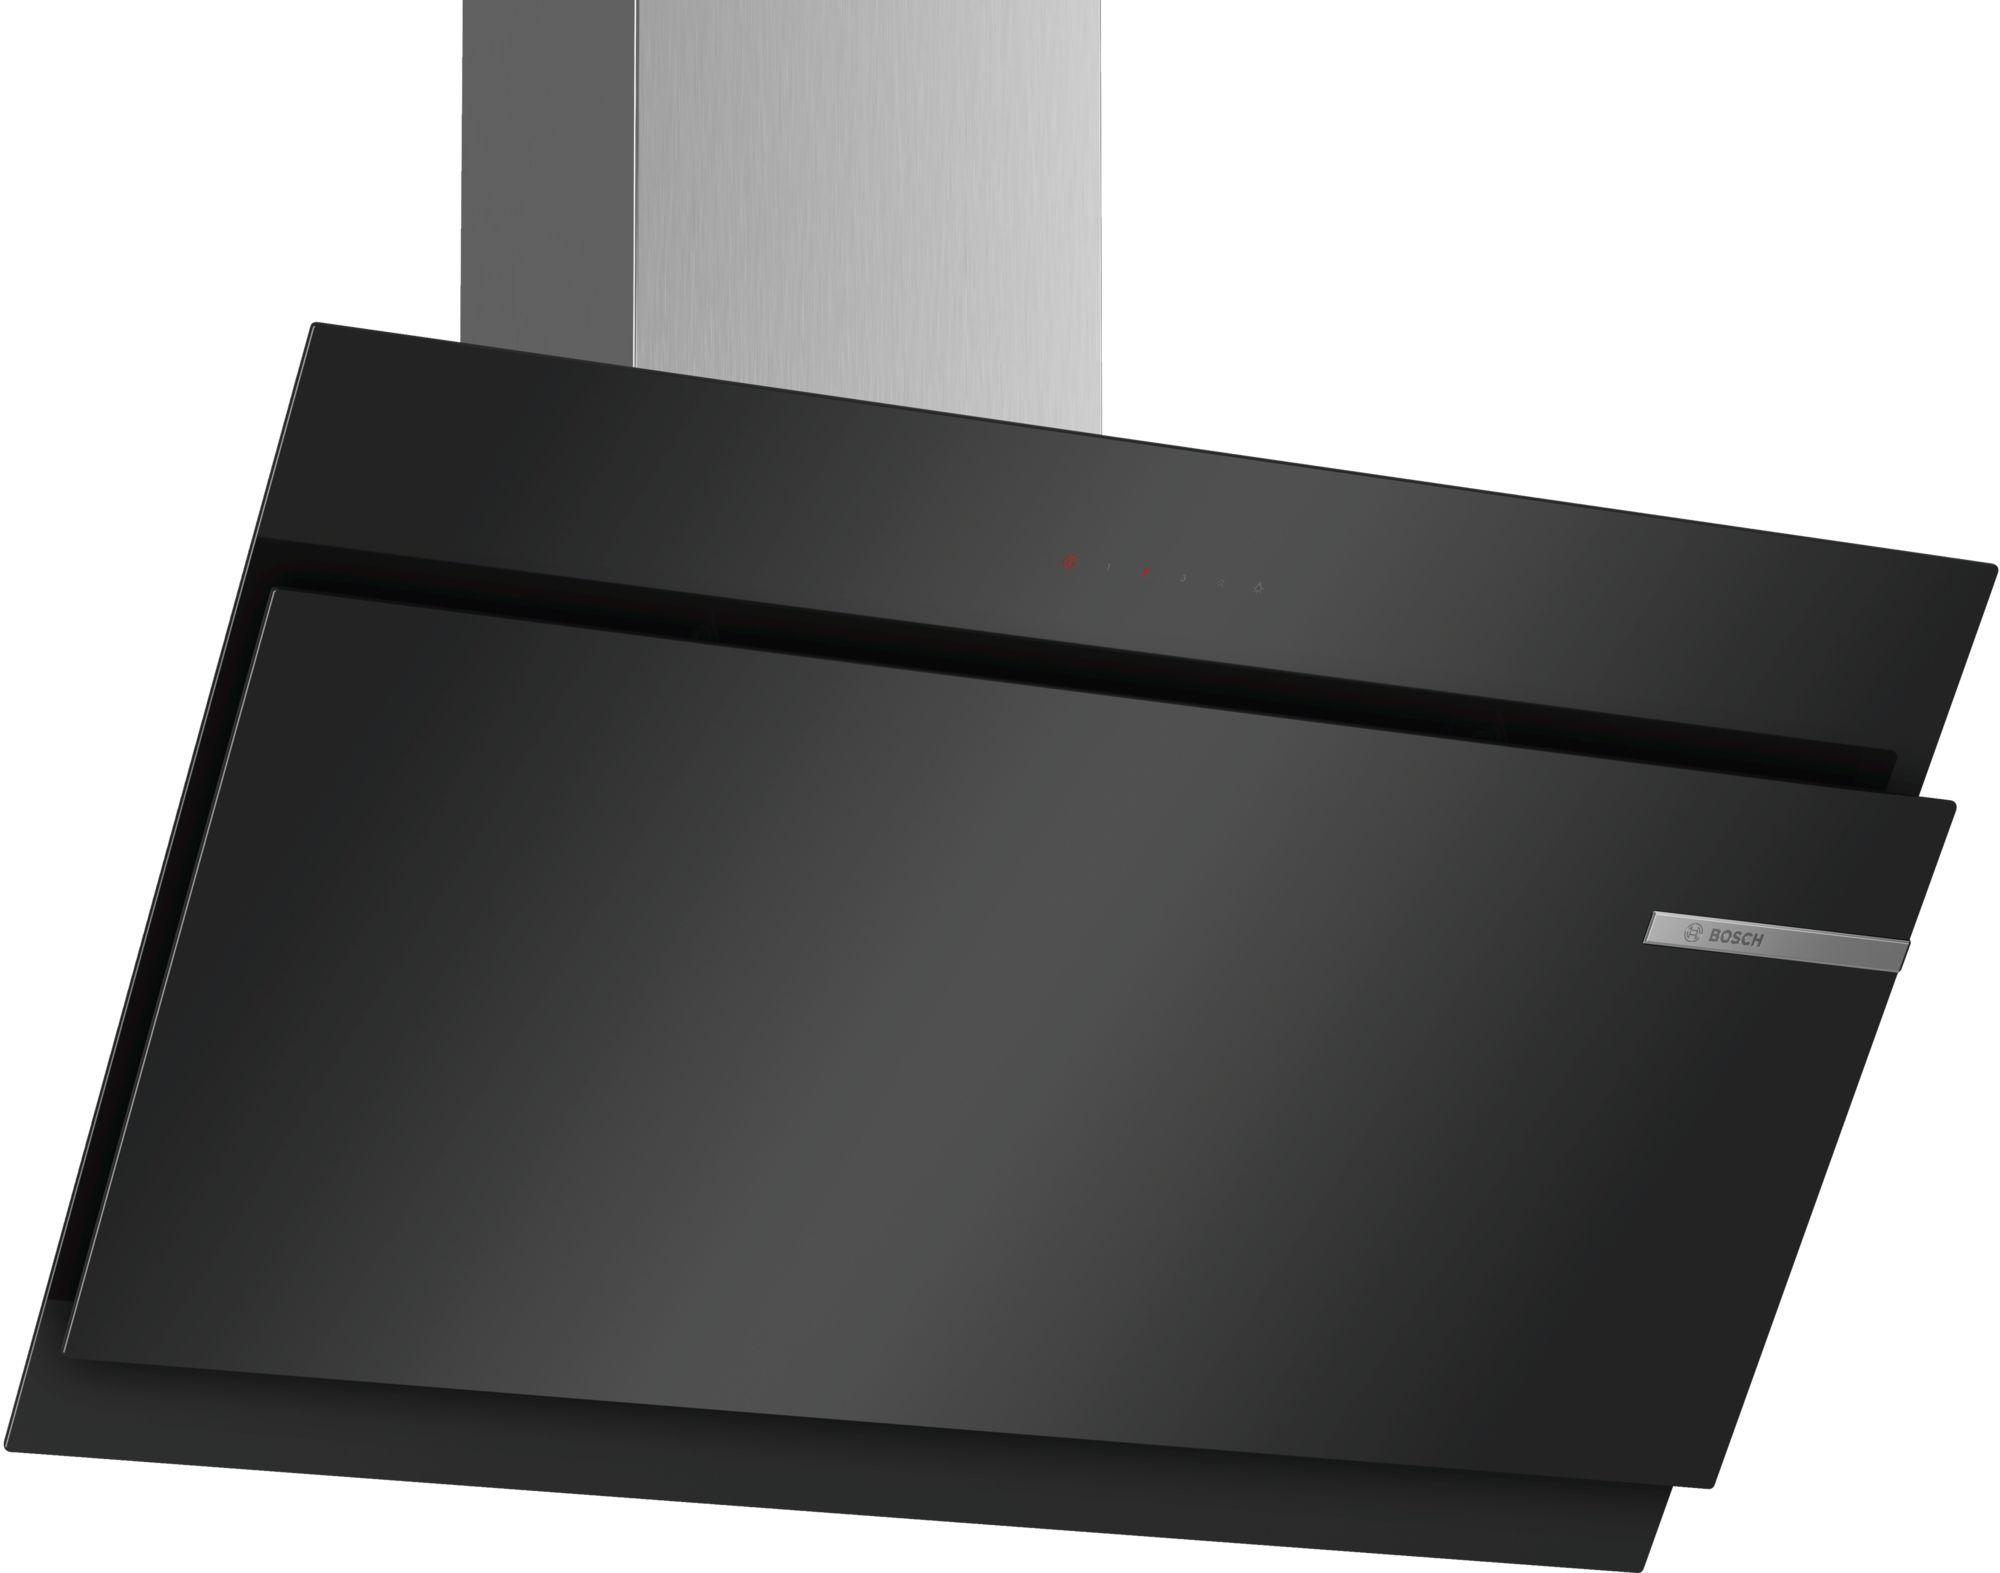 Вытяжка Bosch DWK97JM60, черный Bosch